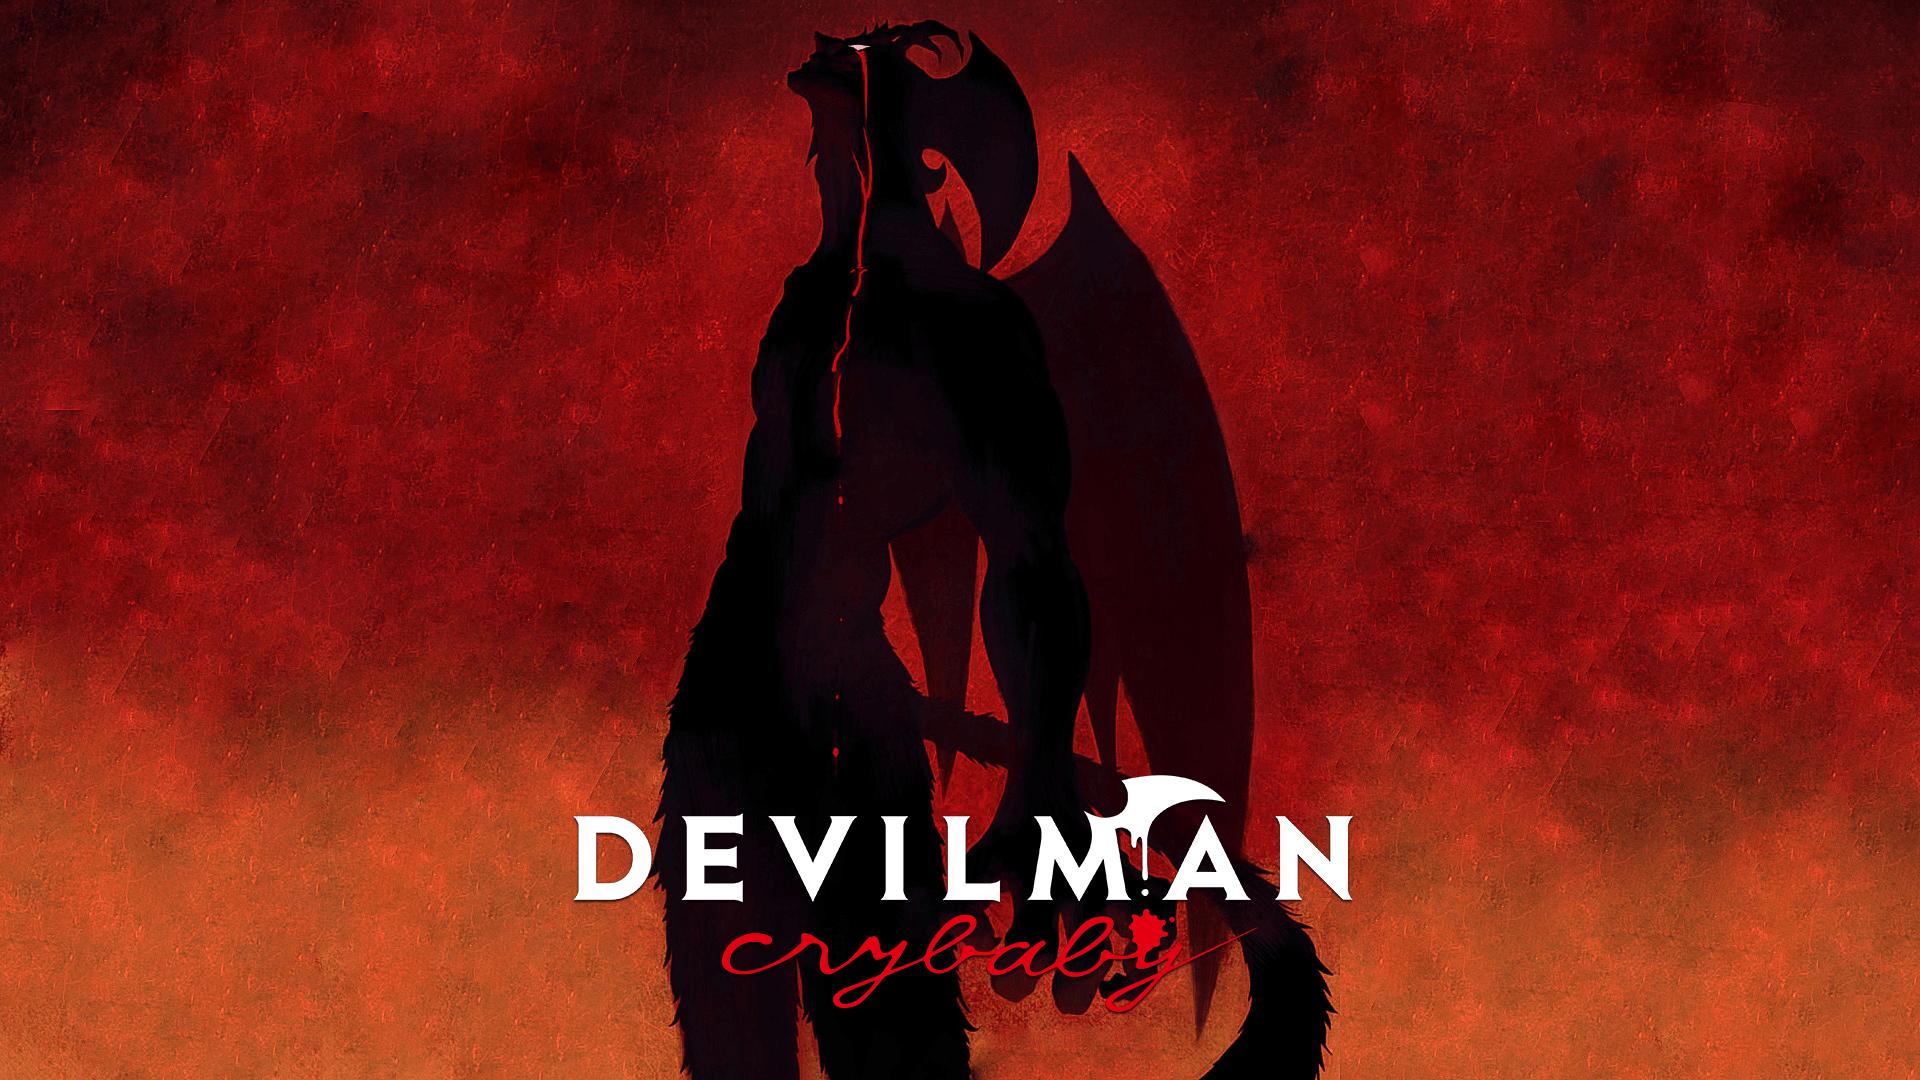 Devilman: Crybaby Episode 01-10 (end) Subtitle Indonesia